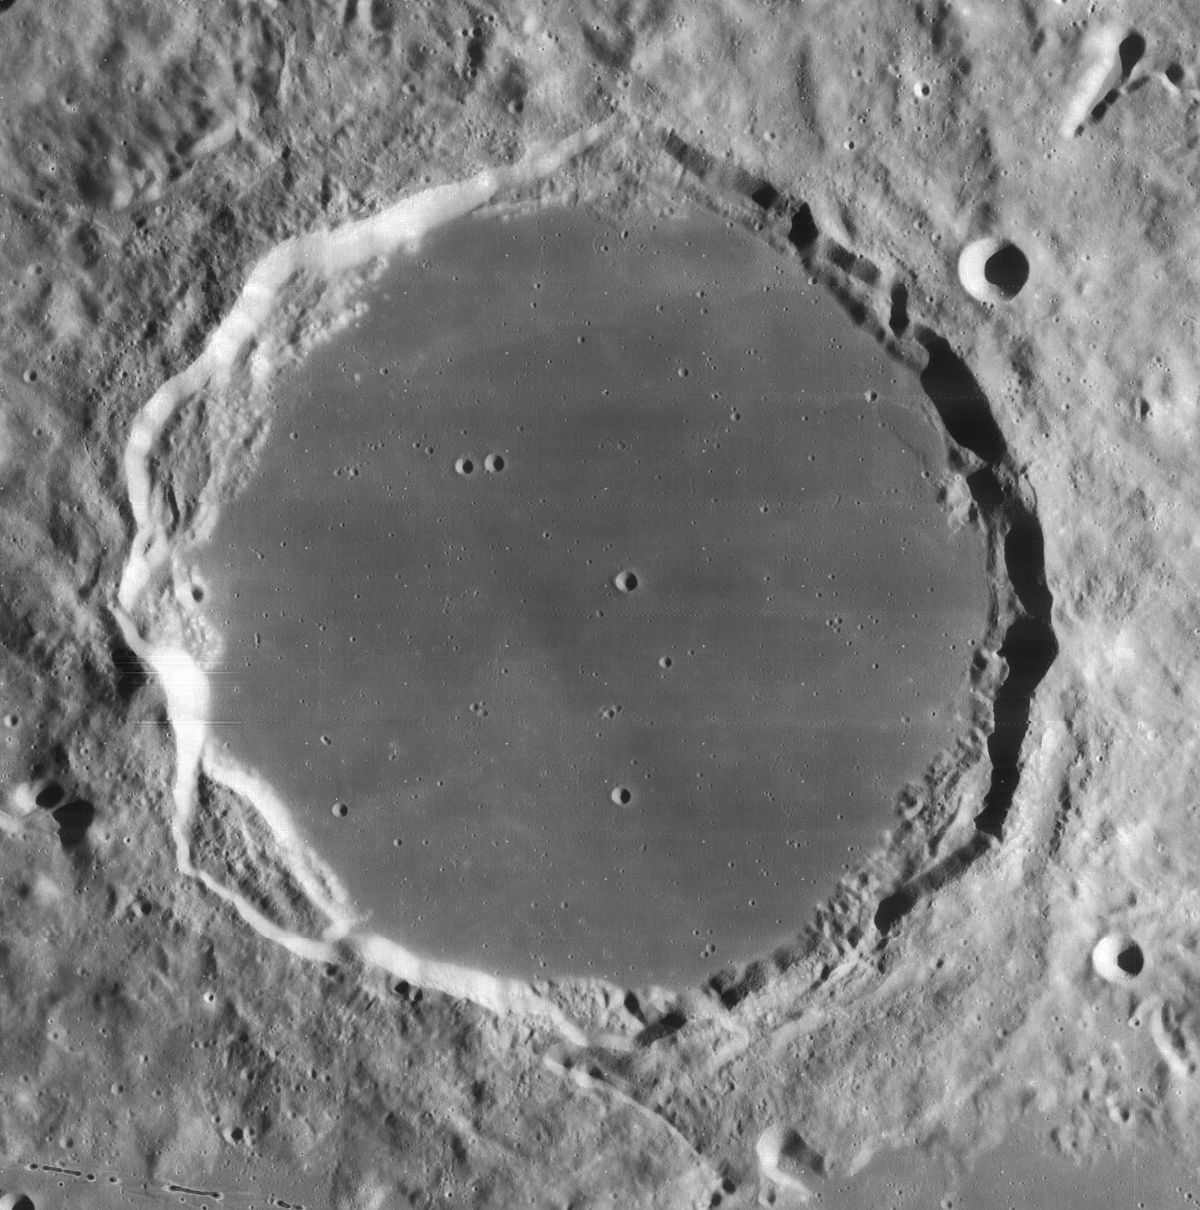 Plato (crater) - Wikipedia